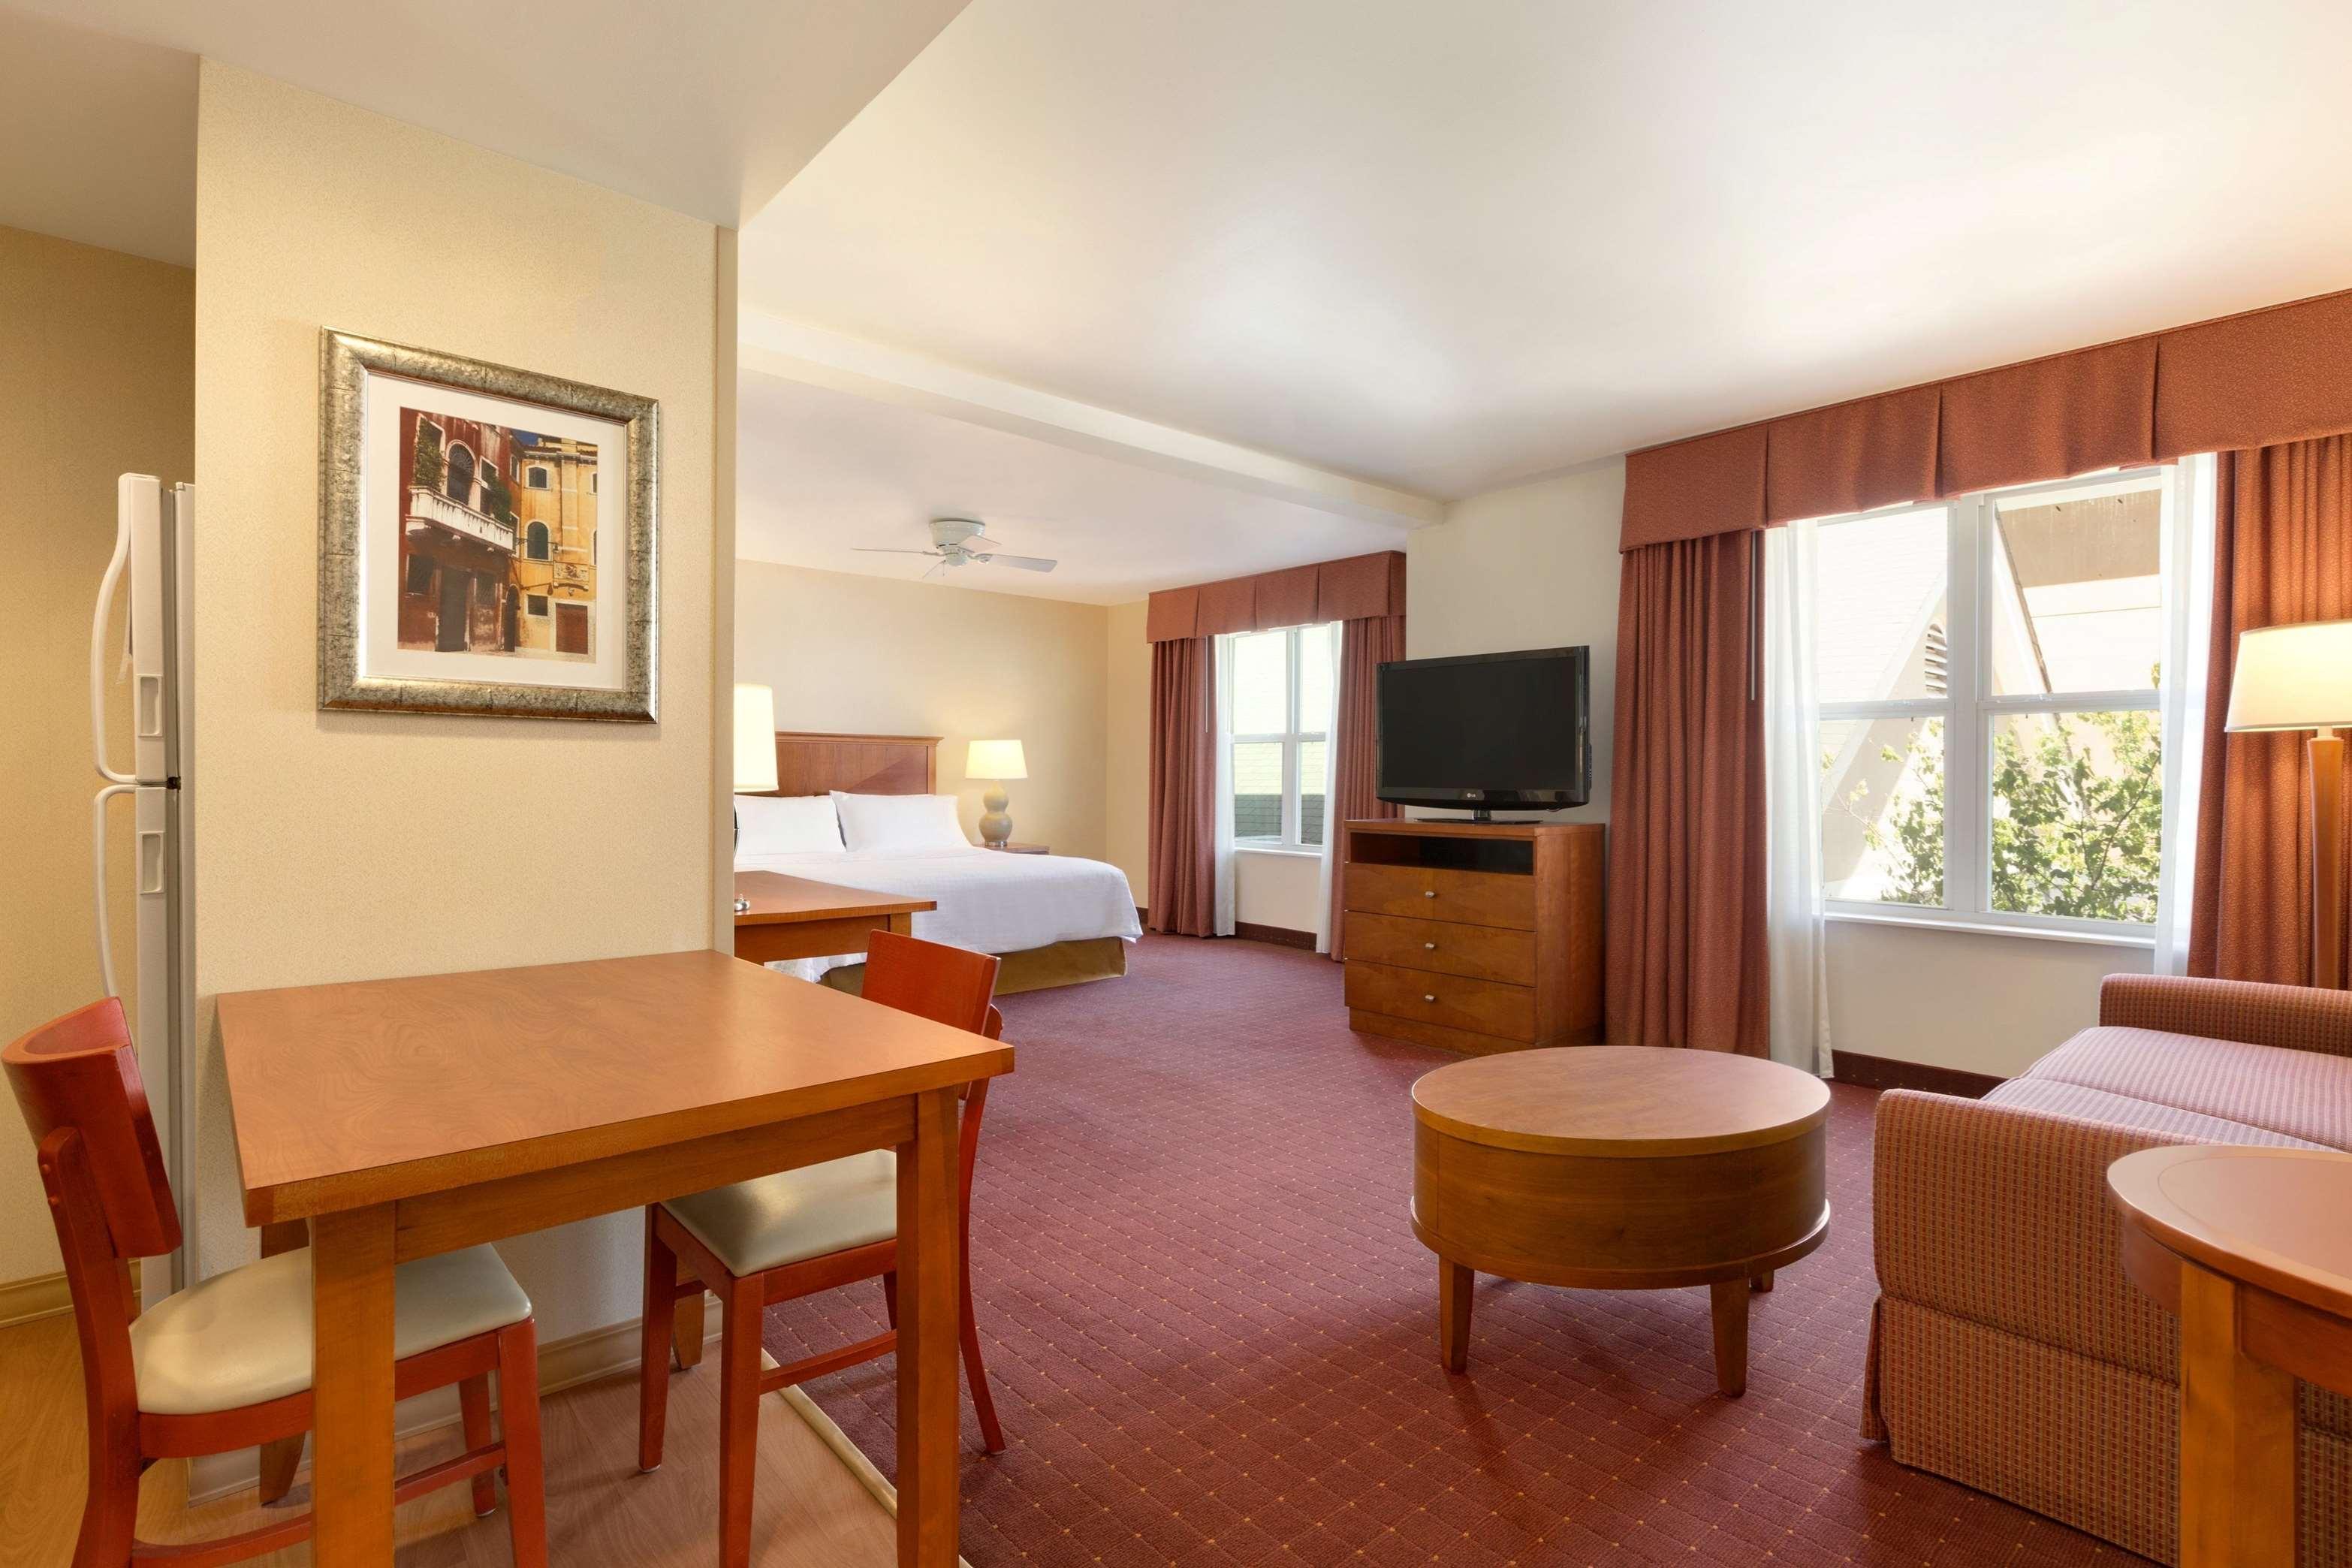 Homewood Suites by Hilton Dulles-North/Loudoun image 25